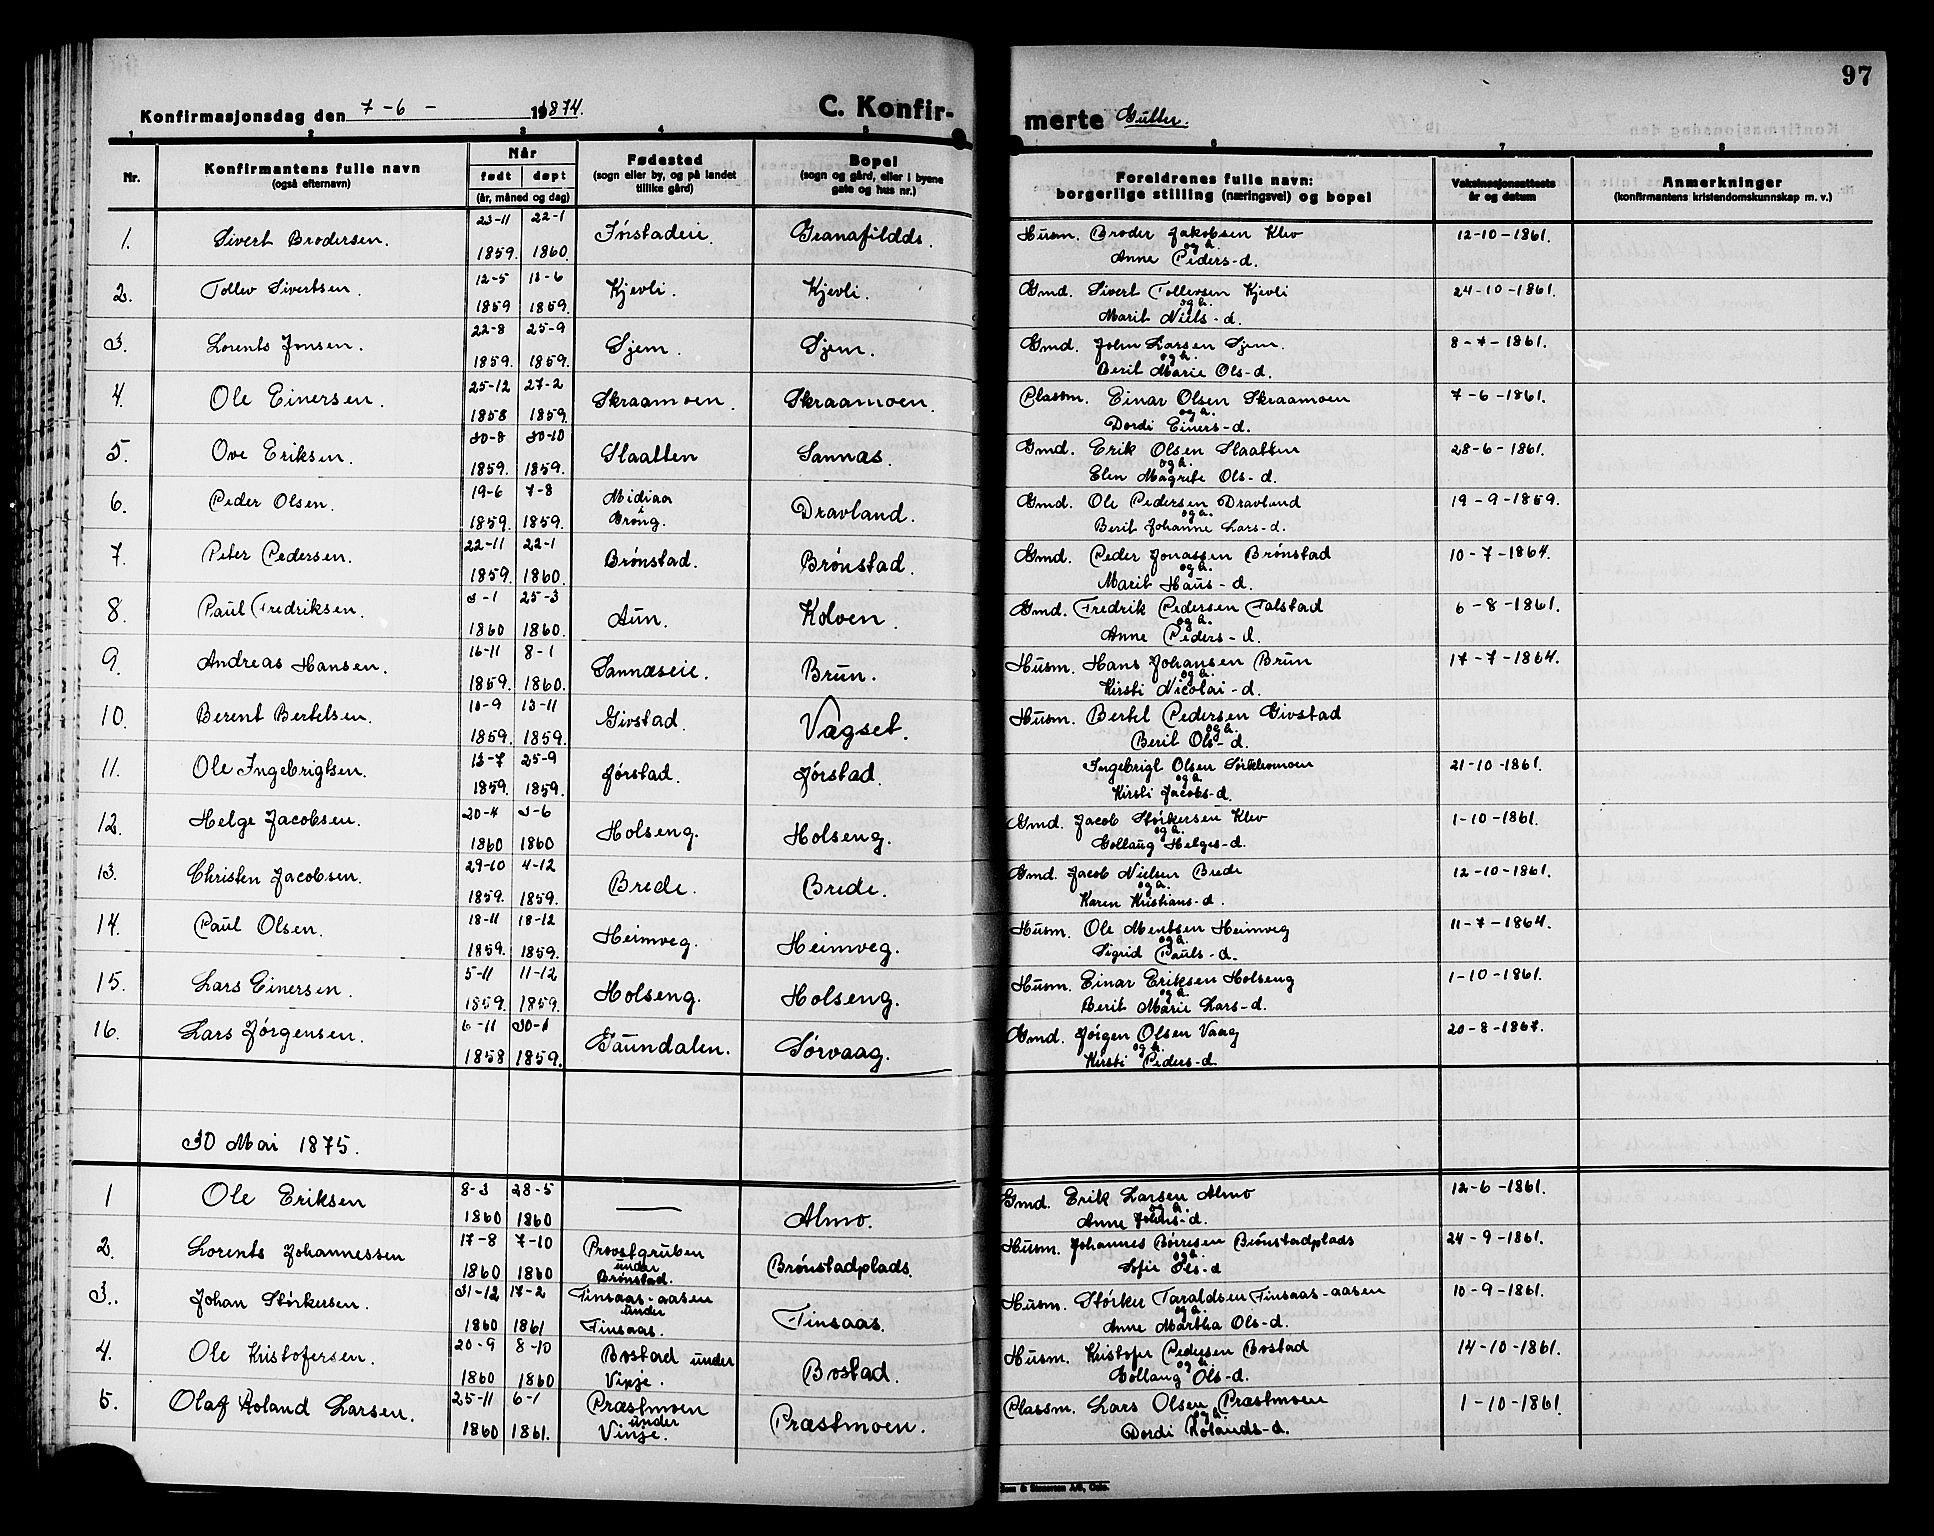 SAT, Ministerialprotokoller, klokkerbøker og fødselsregistre - Nord-Trøndelag, 749/L0486: Ministerialbok nr. 749D02, 1873-1887, s. 97